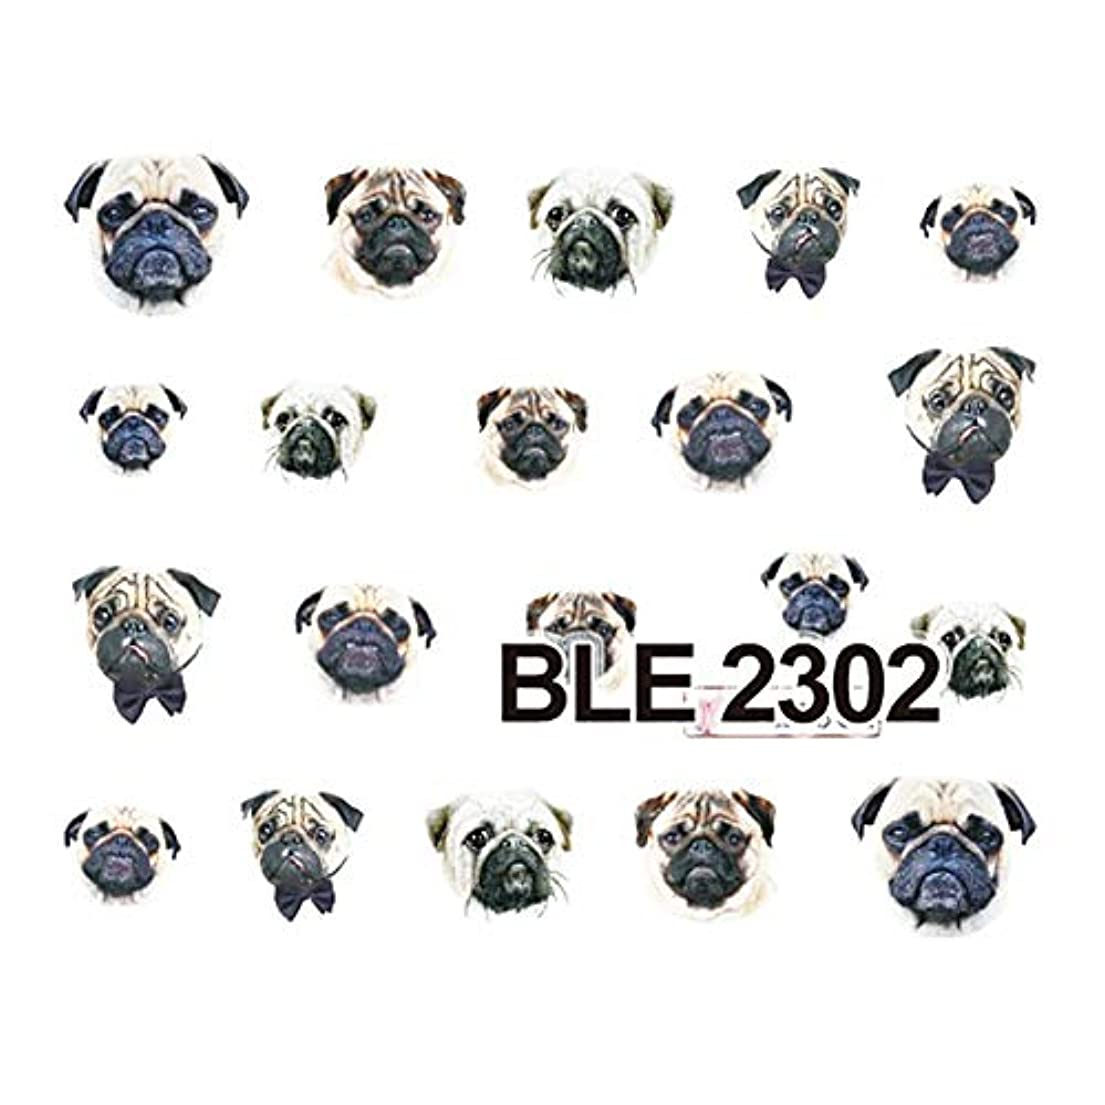 まろやかな電報霧LITI ネイルシール ラブリー 犬 リアル いぬ かわいい 犬 コーギー ネイルアート 動物 アニマル 実写 転送ネイルアートステッカー 異なるスタイル 動物犬 マニキュアペディキュアステッカー